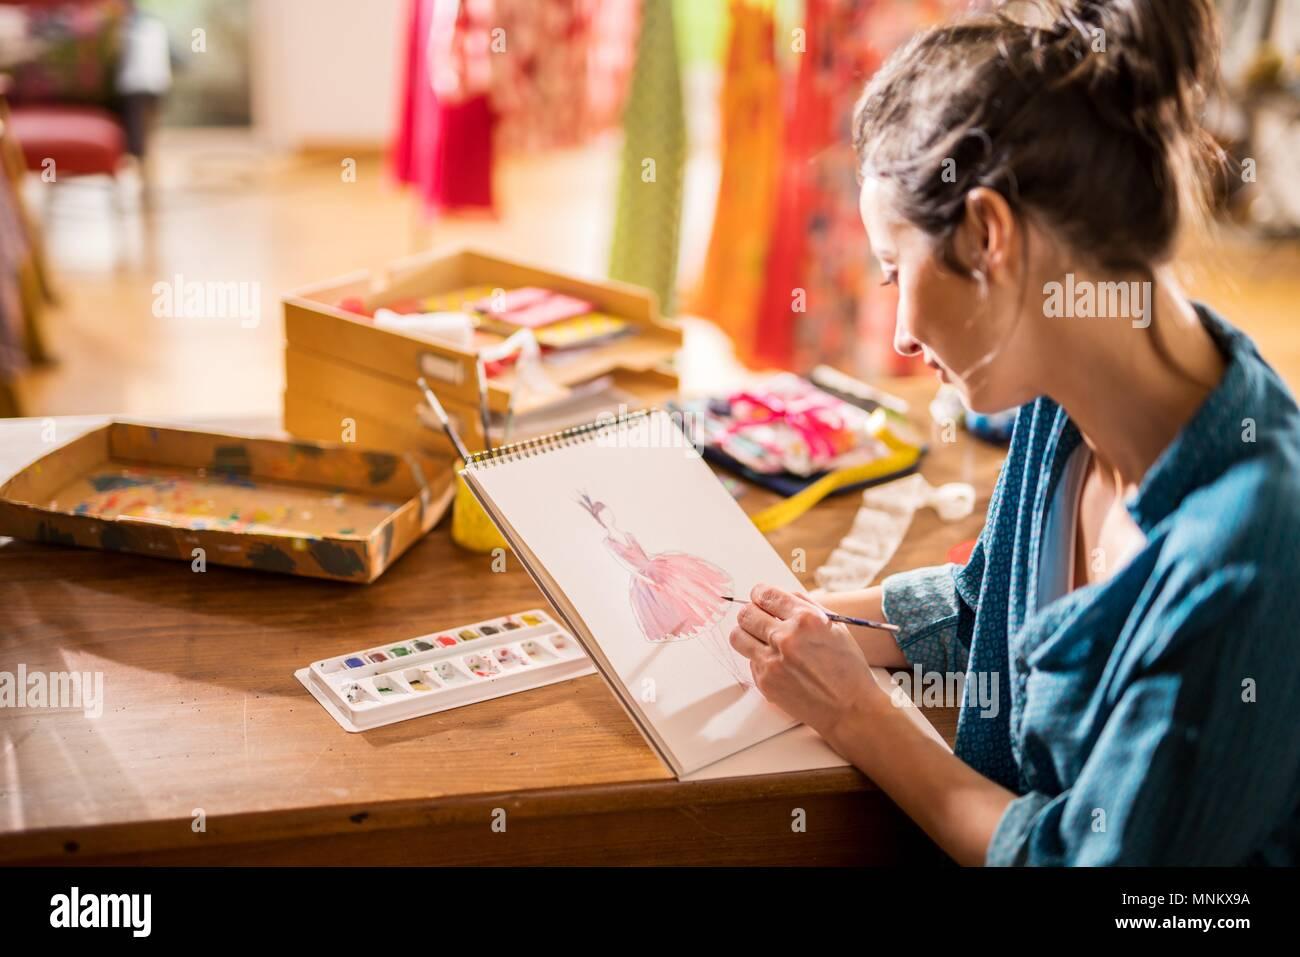 Diseñador de moda trabajando en un nuevo modelo, en su studio Imagen De Stock